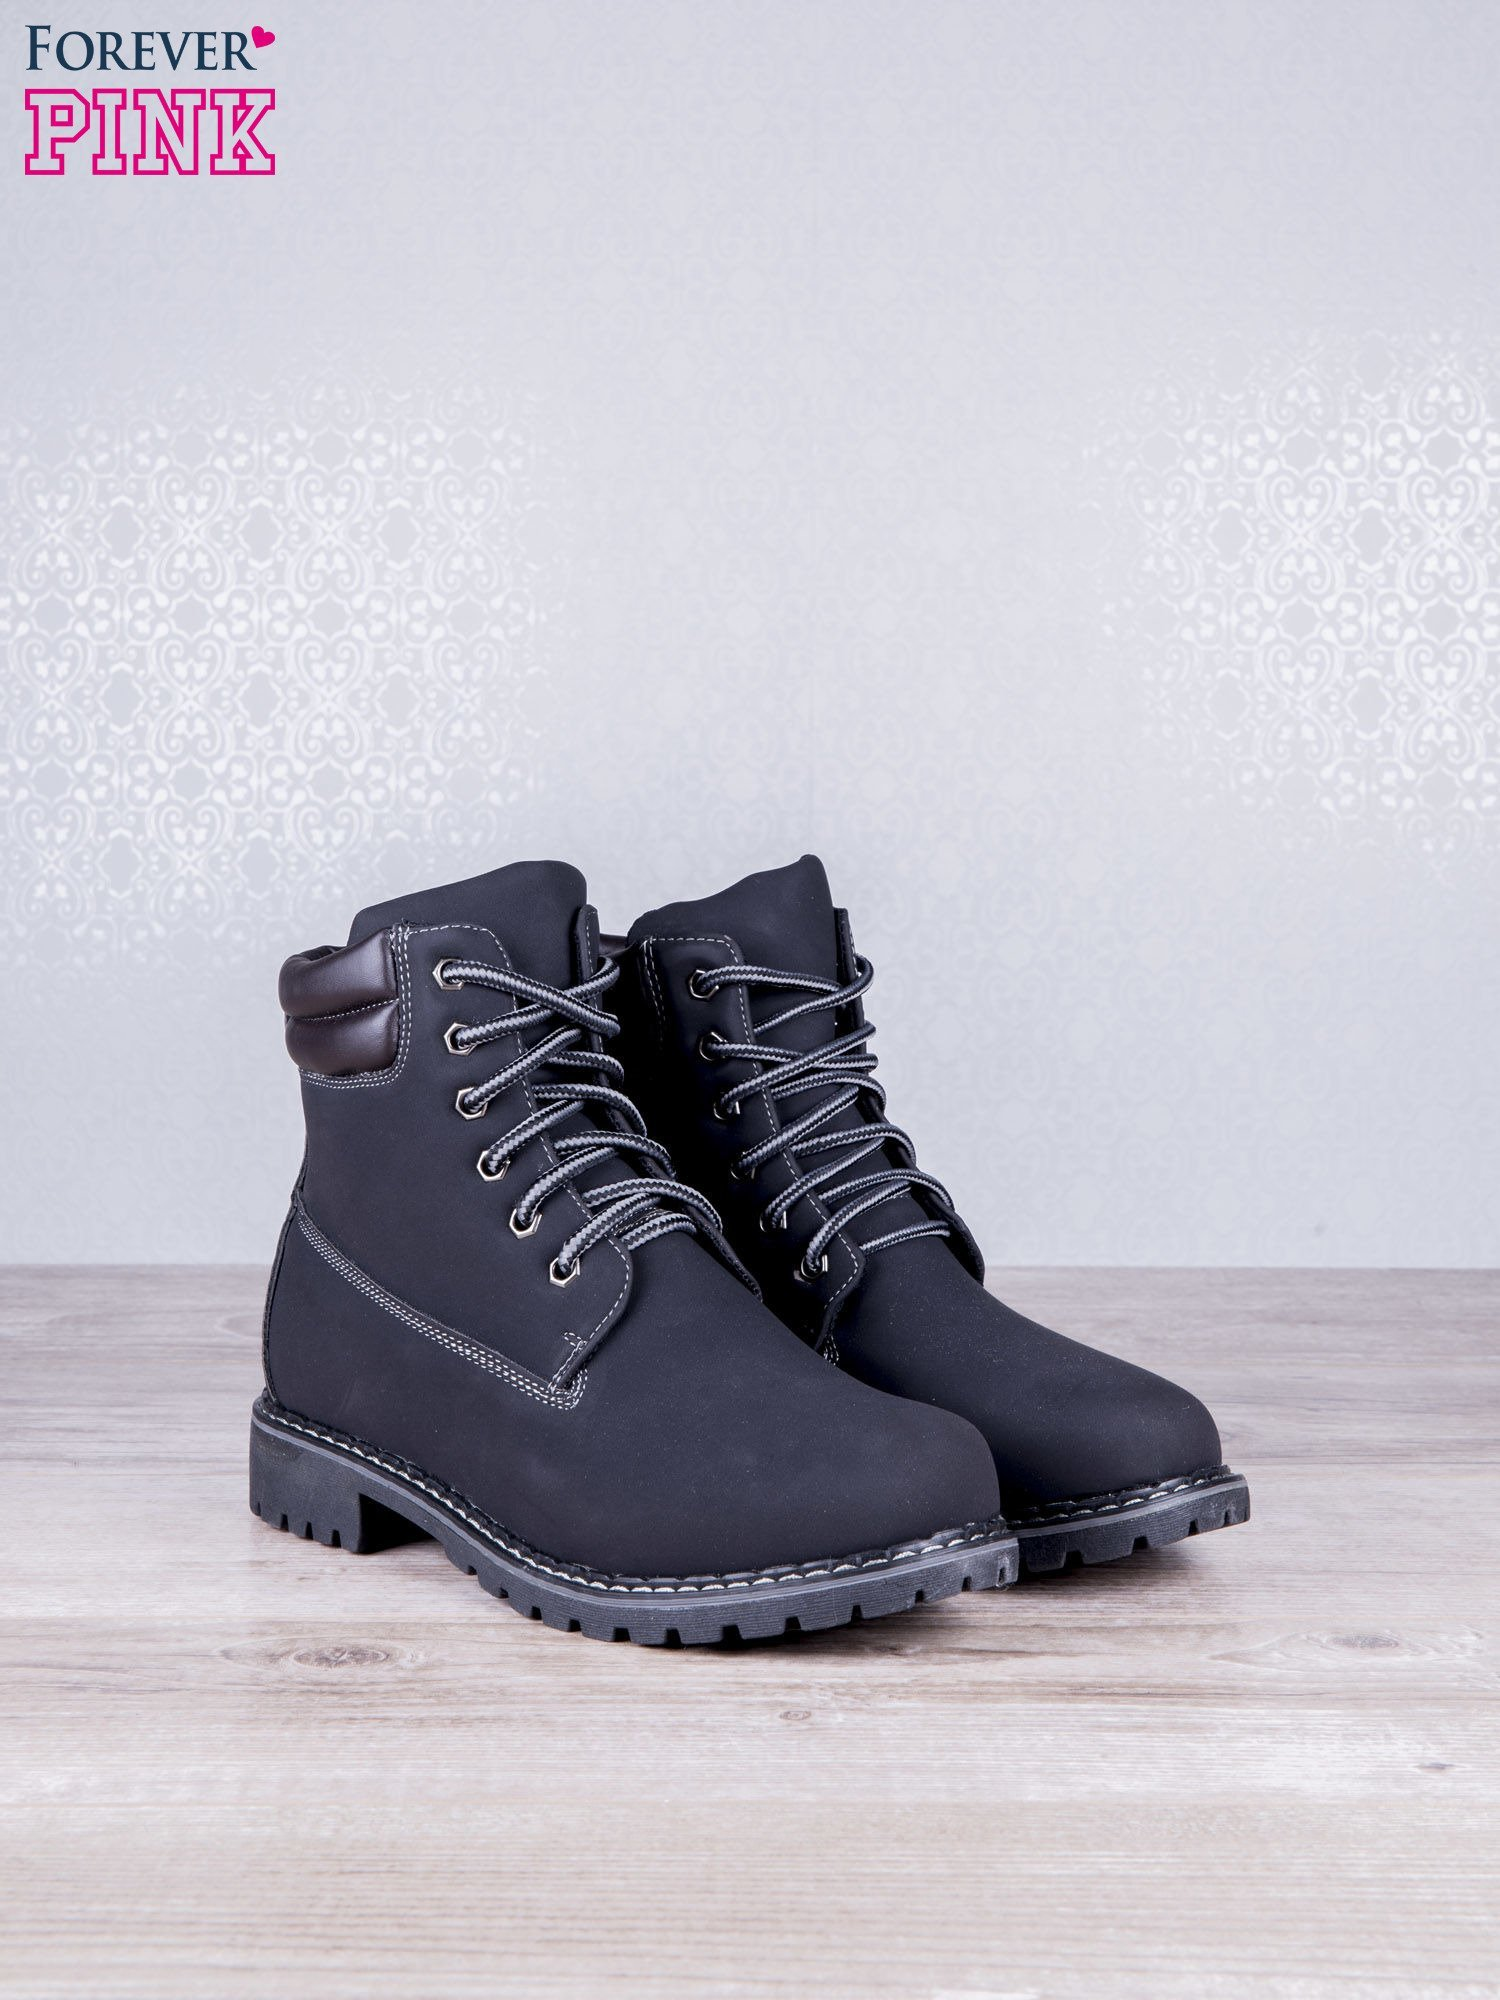 Czarne jednolite buty trekkingowe Toy damskie traperki ocieplane                                  zdj.                                  2